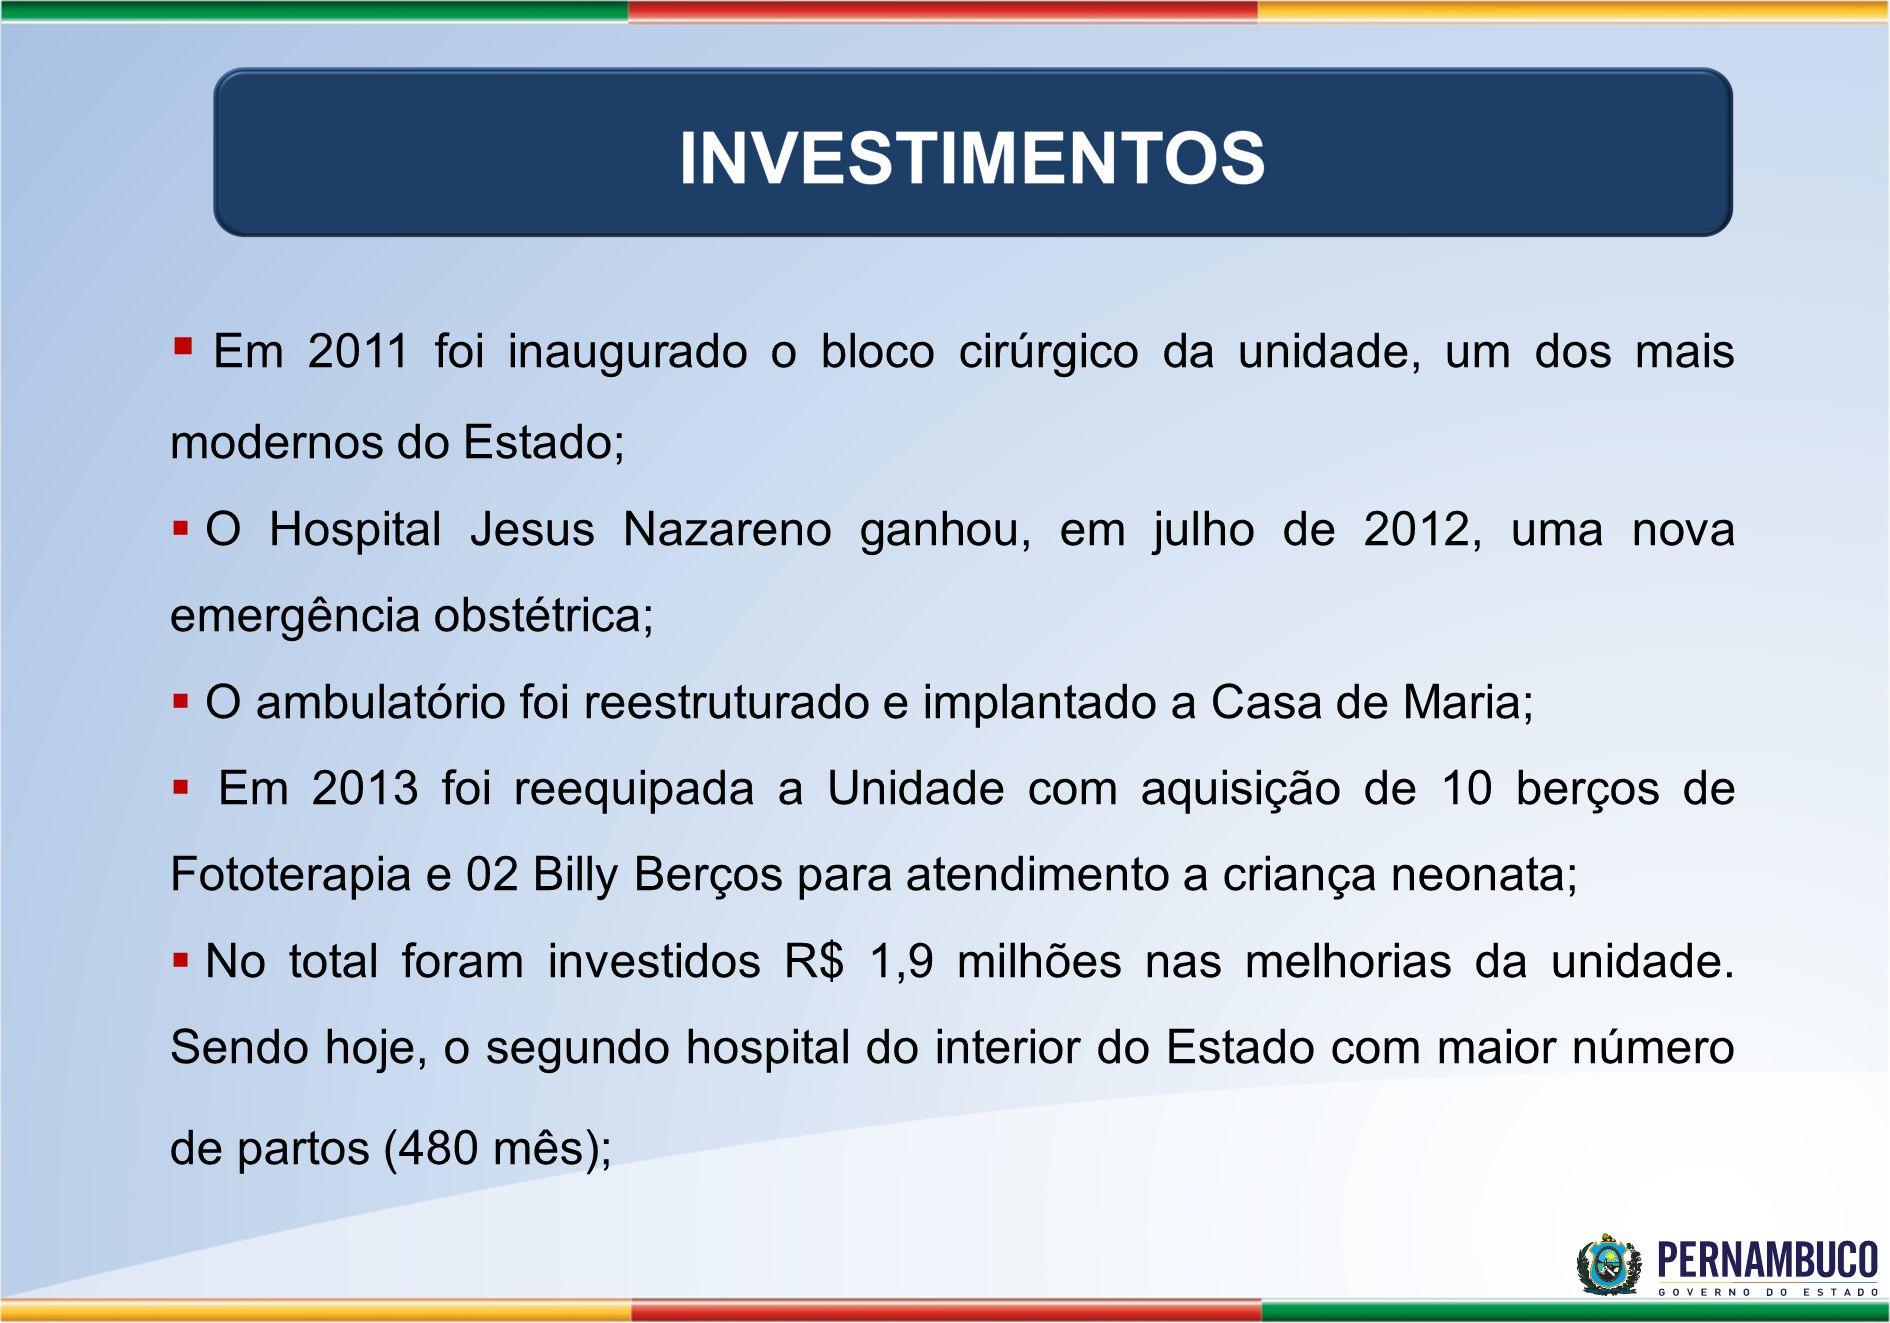 Em 2011 foi inaugurado o bloco cirúrgico da unidade, um dos mais modernos do Estado;